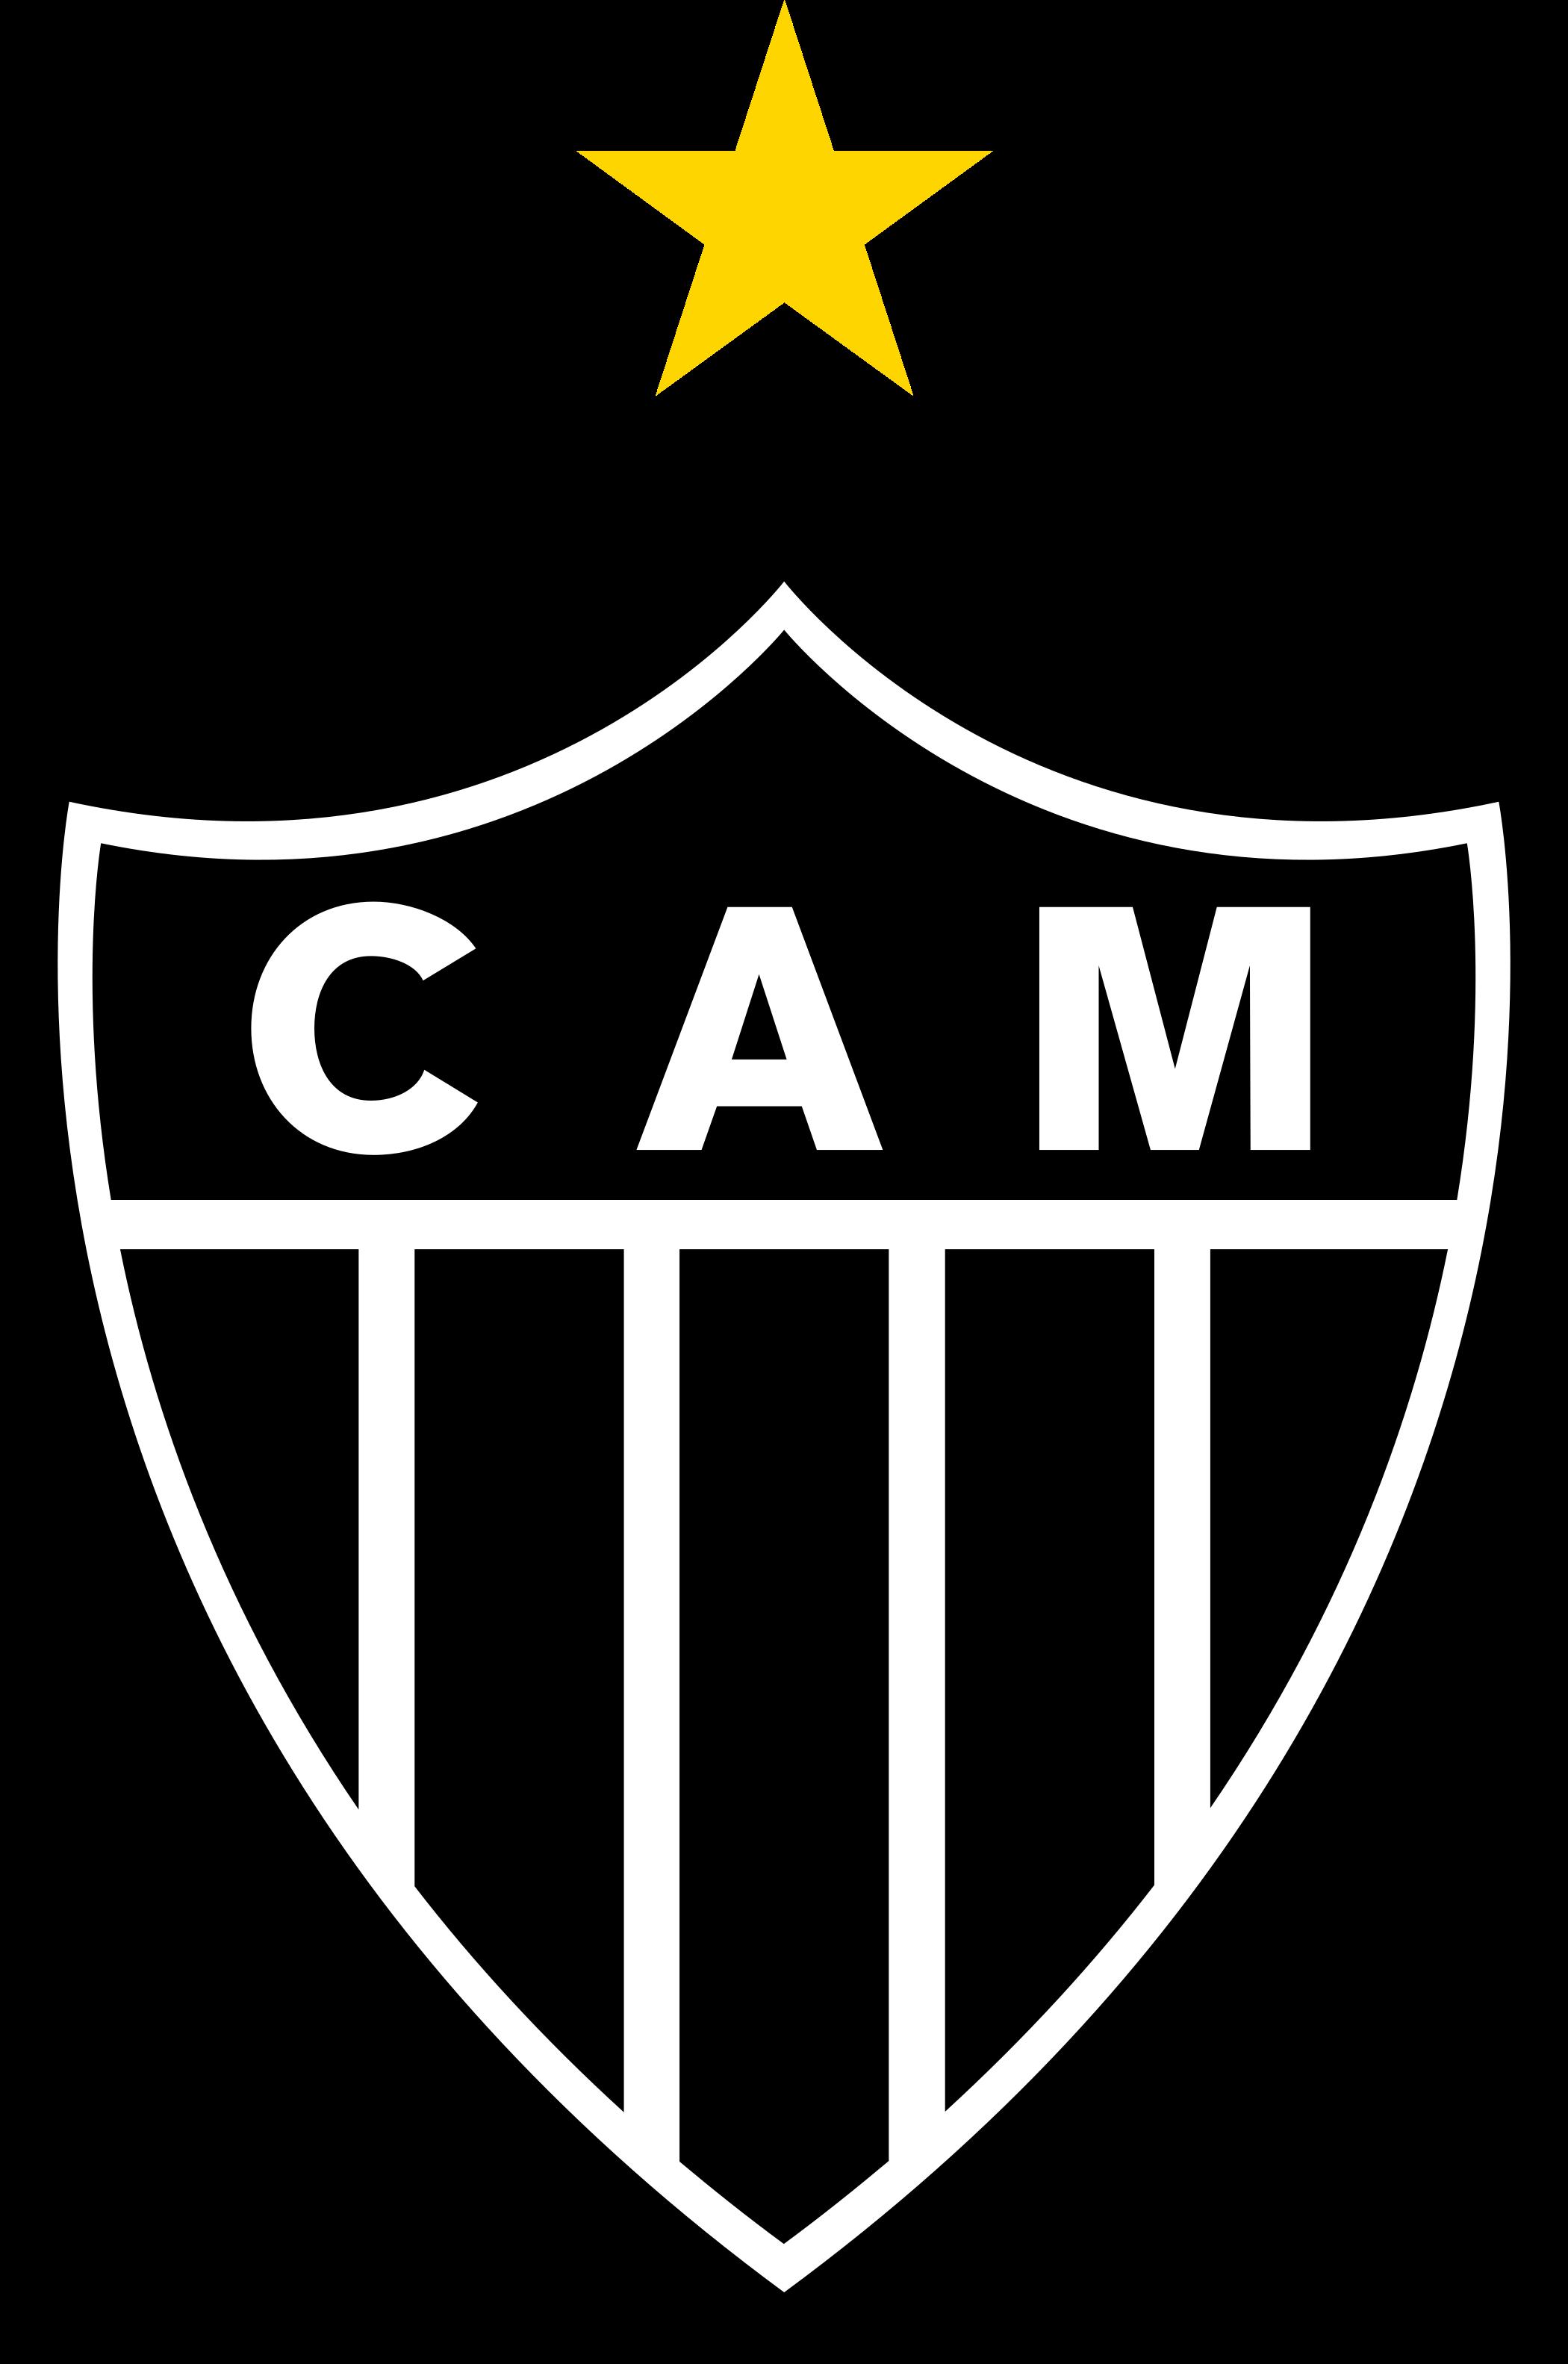 atletico mineiro logo escudo 2 - Atlético Mineiro Logo